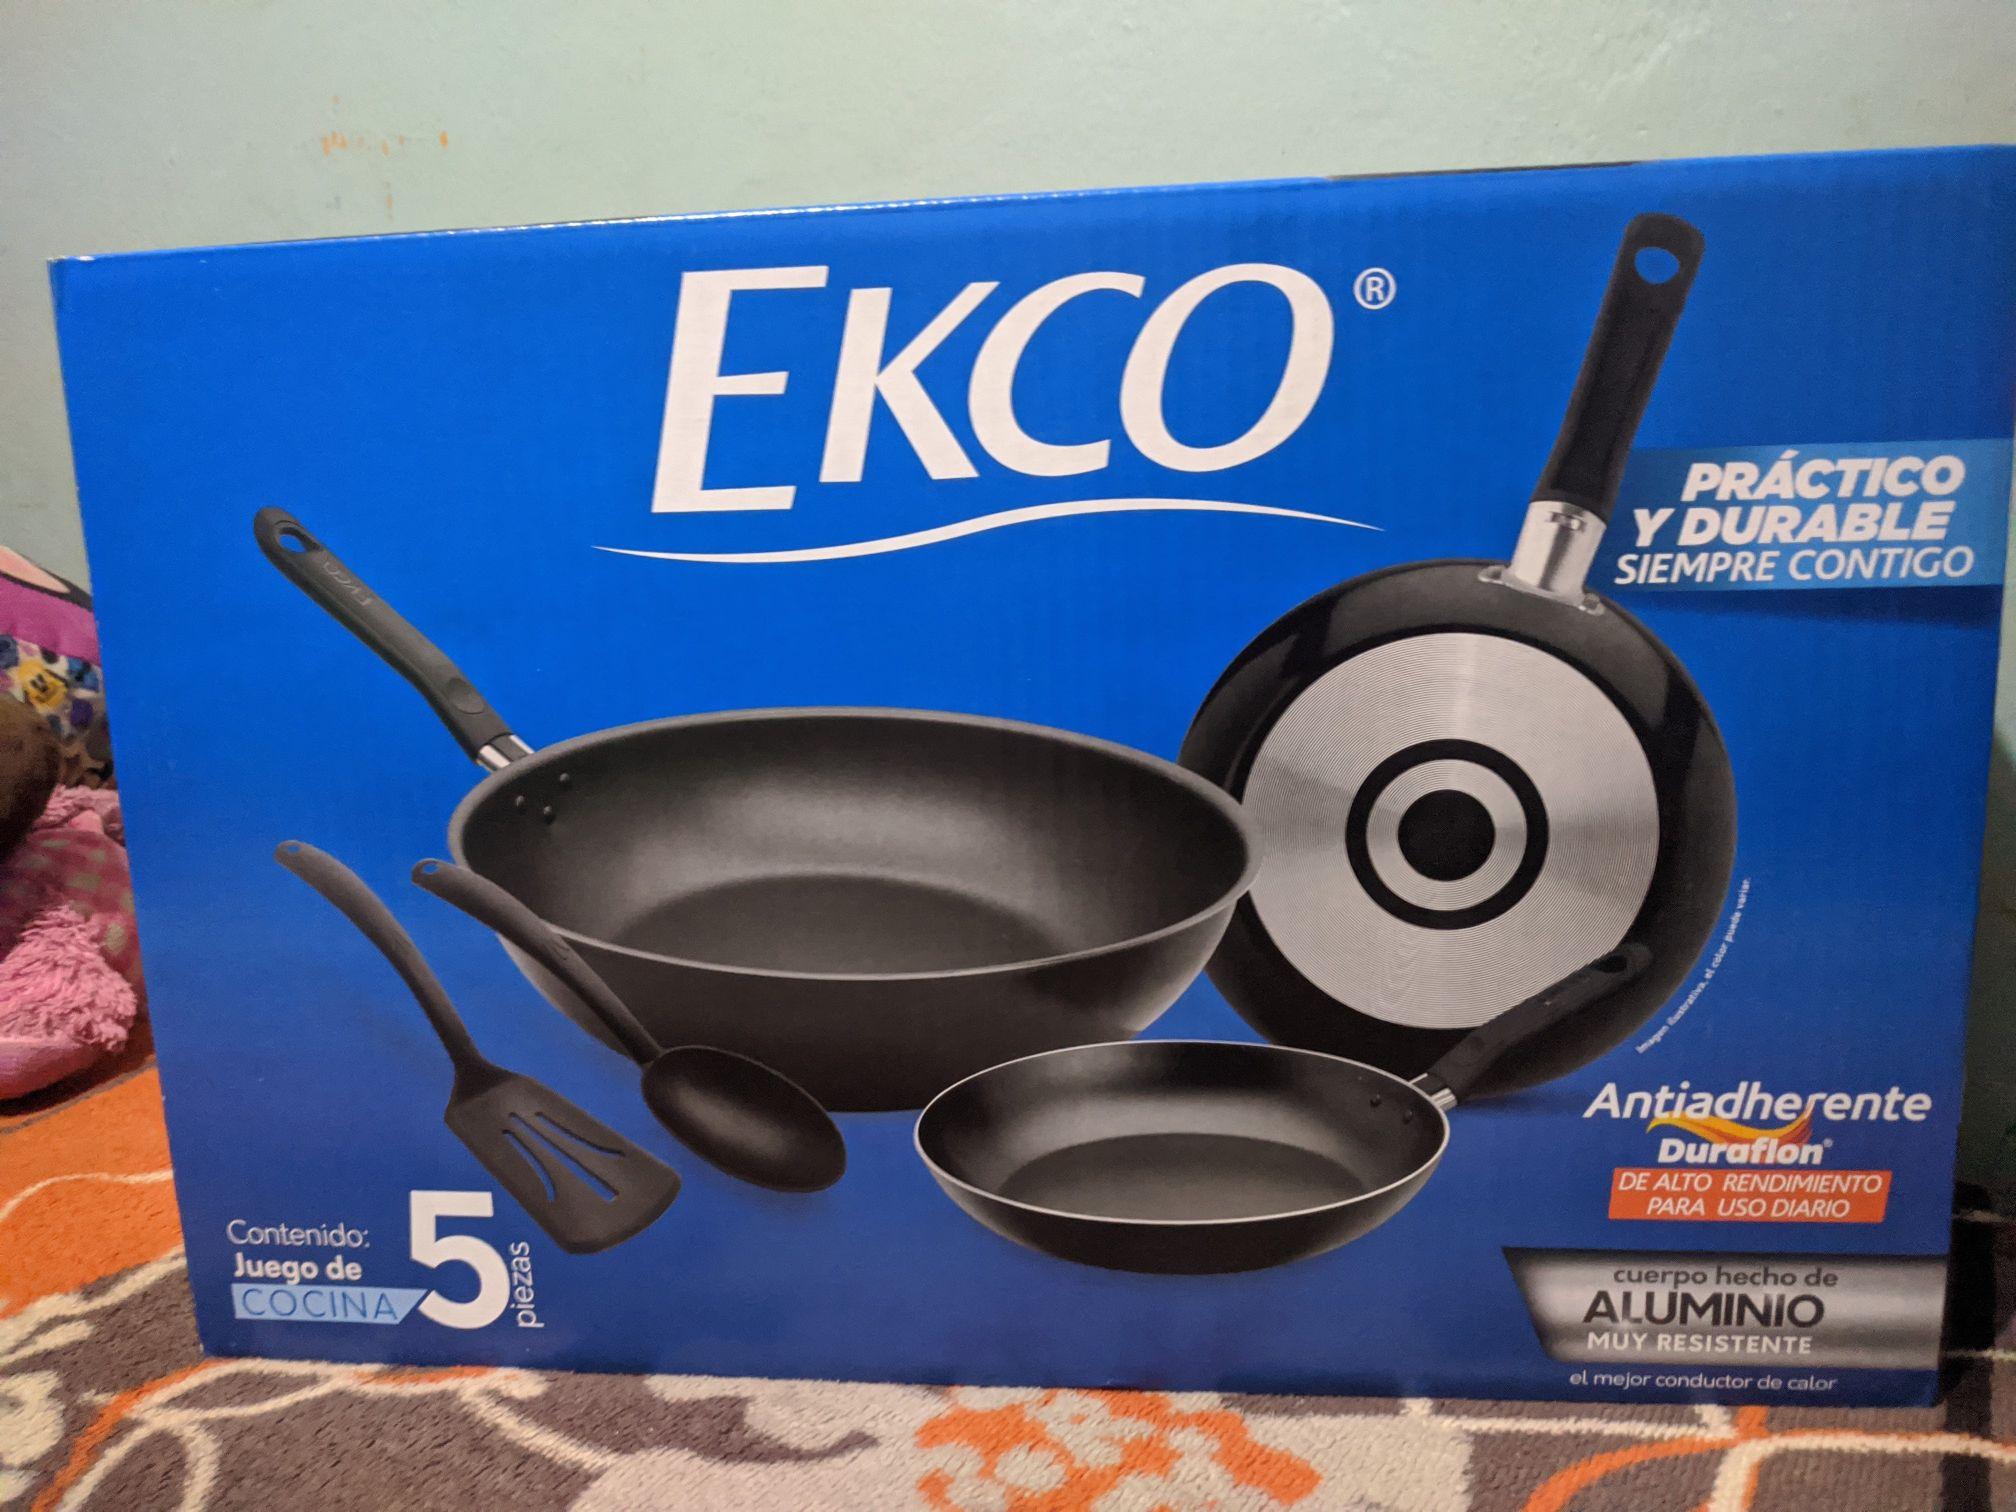 Walmart: Sartenes Ecko 5 piezas y madriguera saqueada